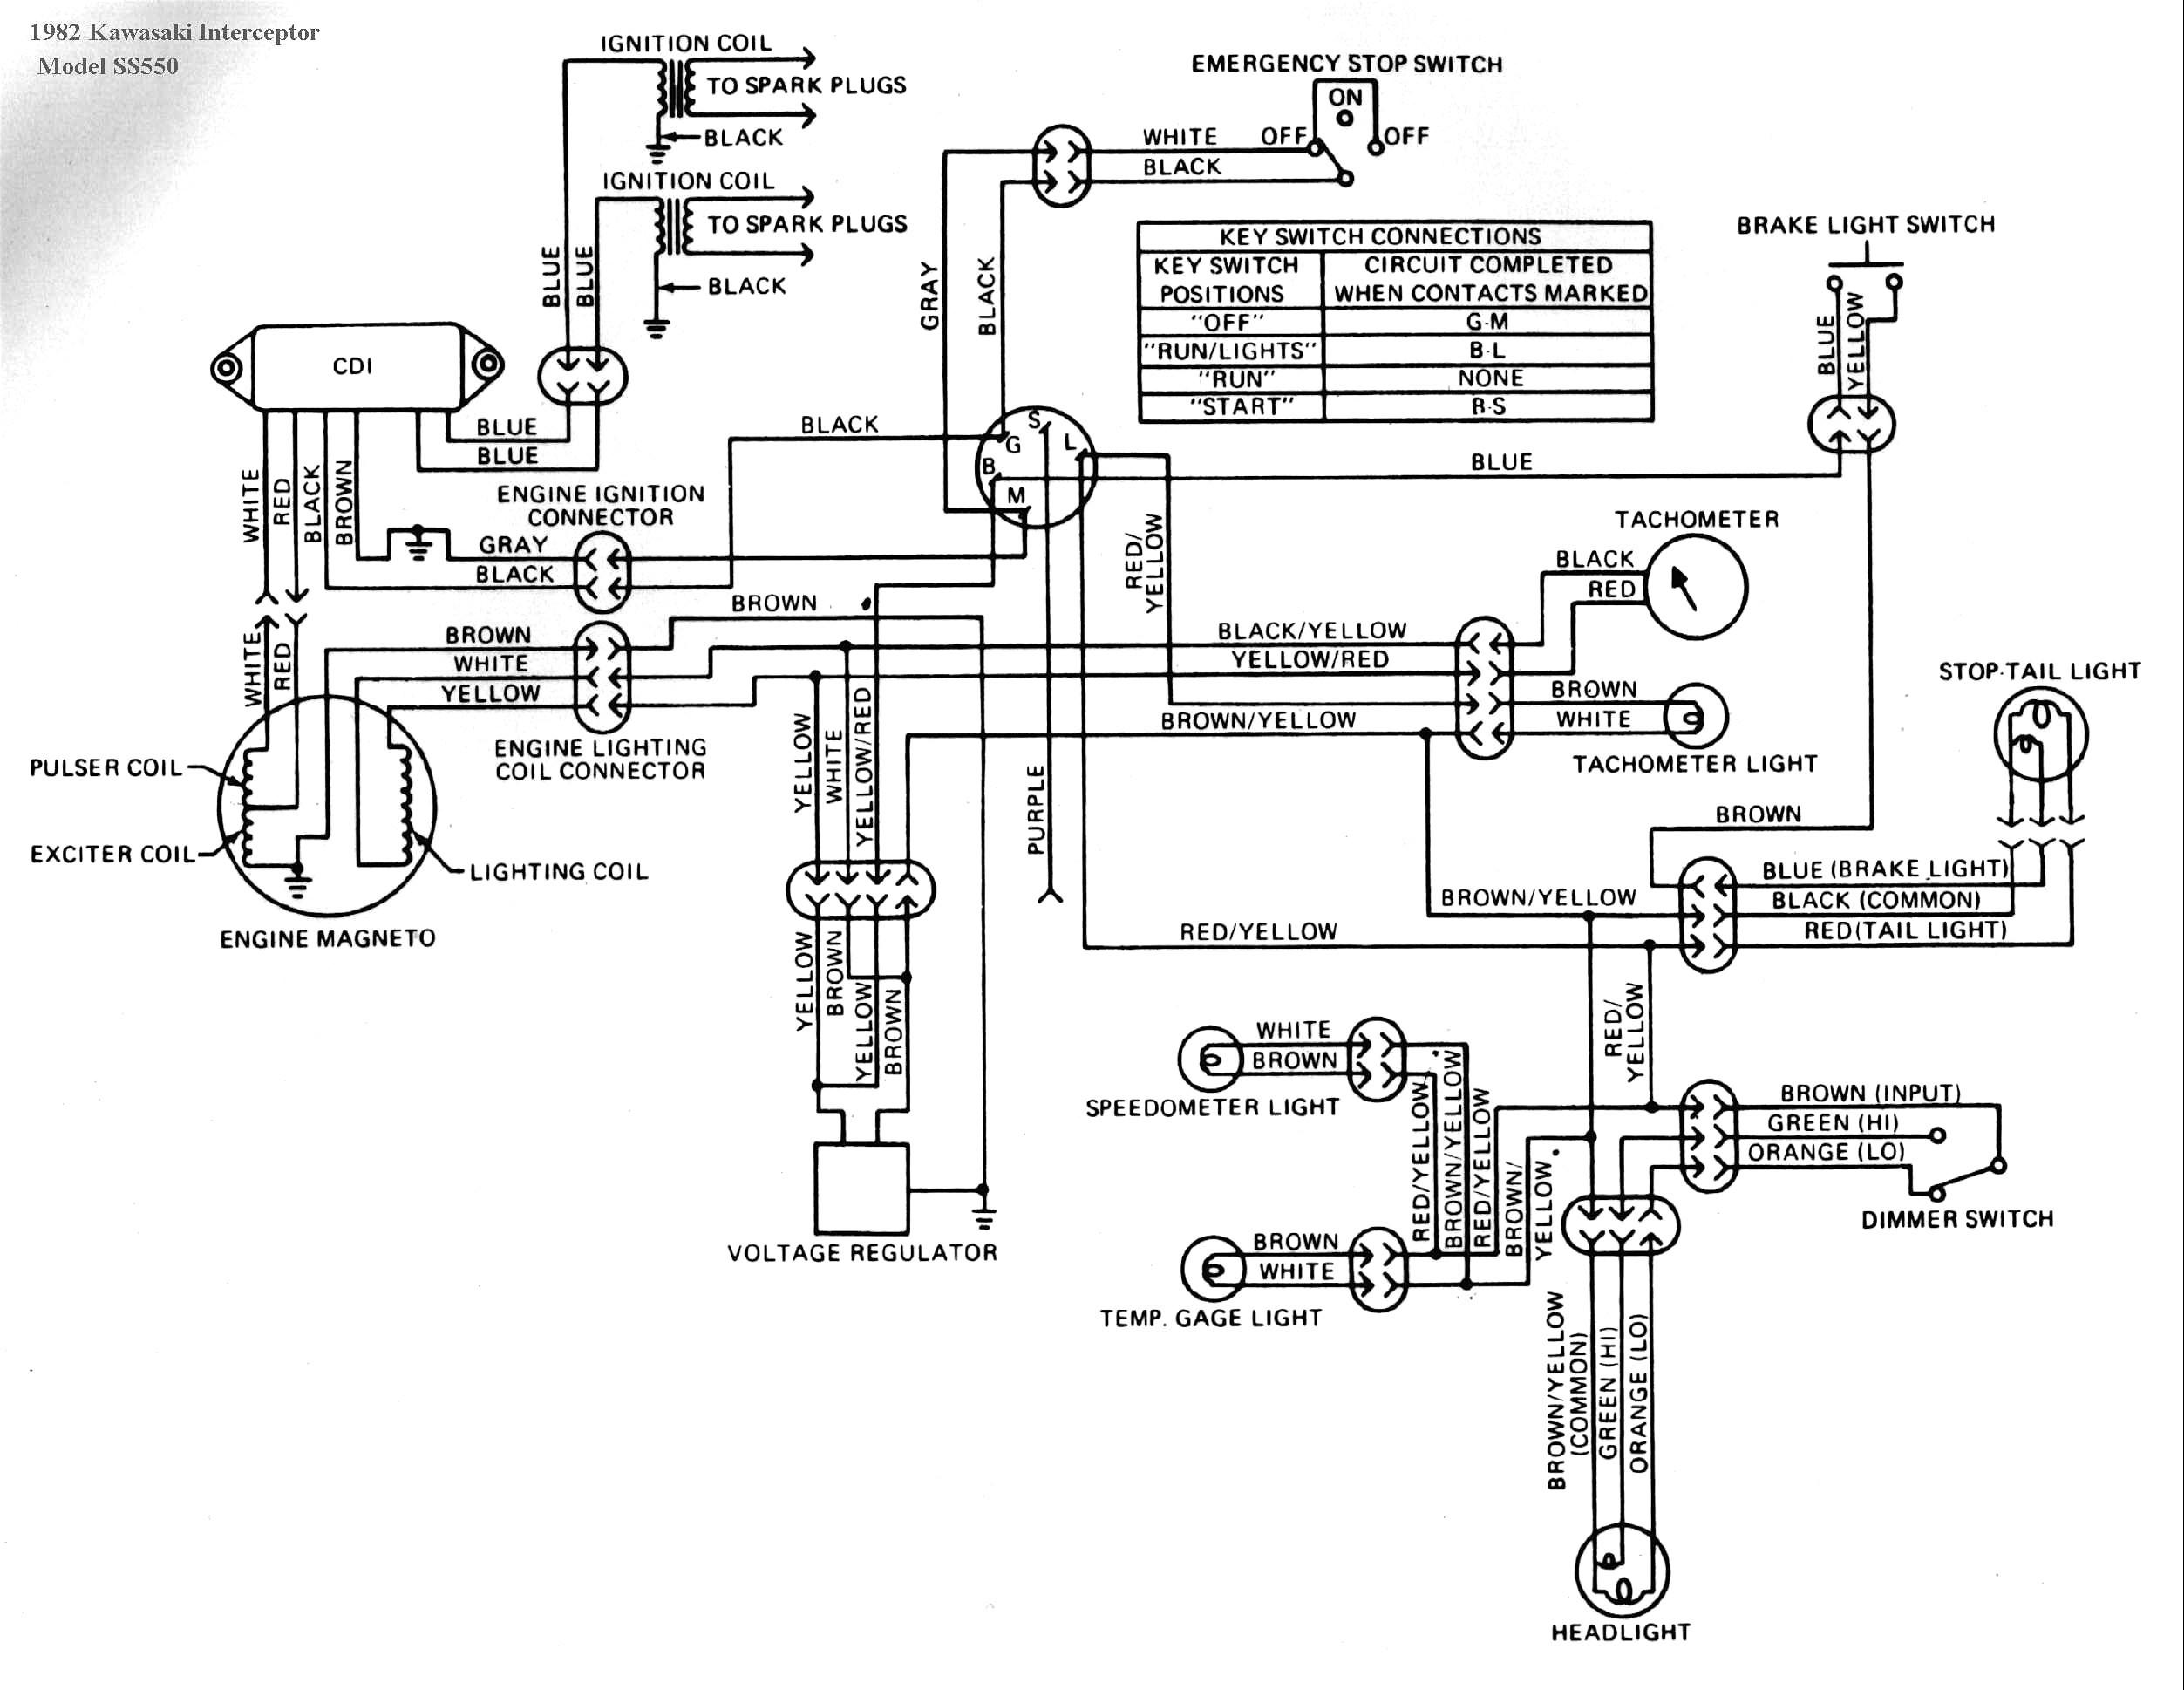 wiring diagram for kawasaki mule 550 wiring diagram automotiveKawasaki Mule Wiring Schematic #14